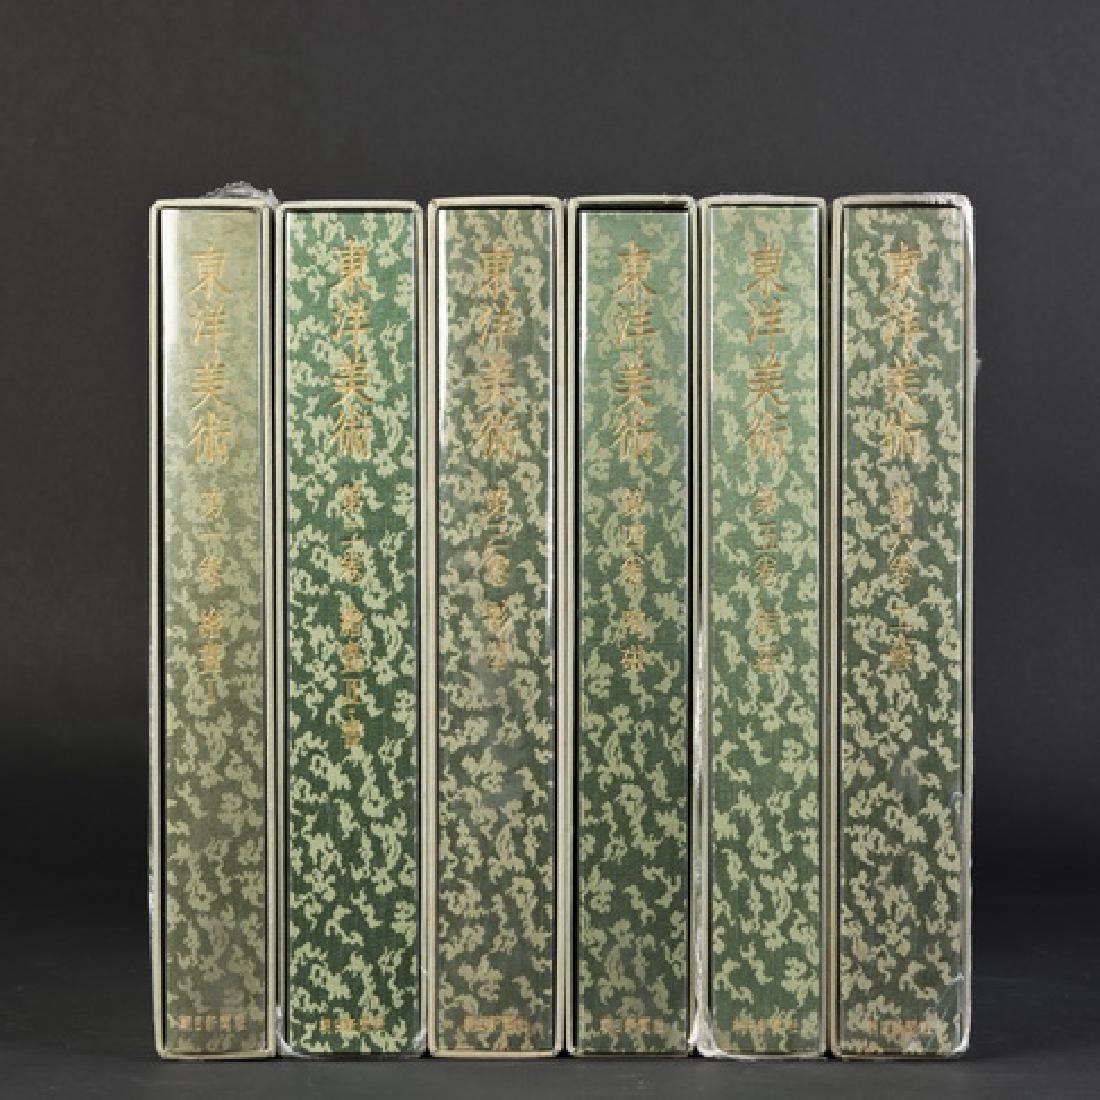 6-Volume set of Books on Oriental Art Works